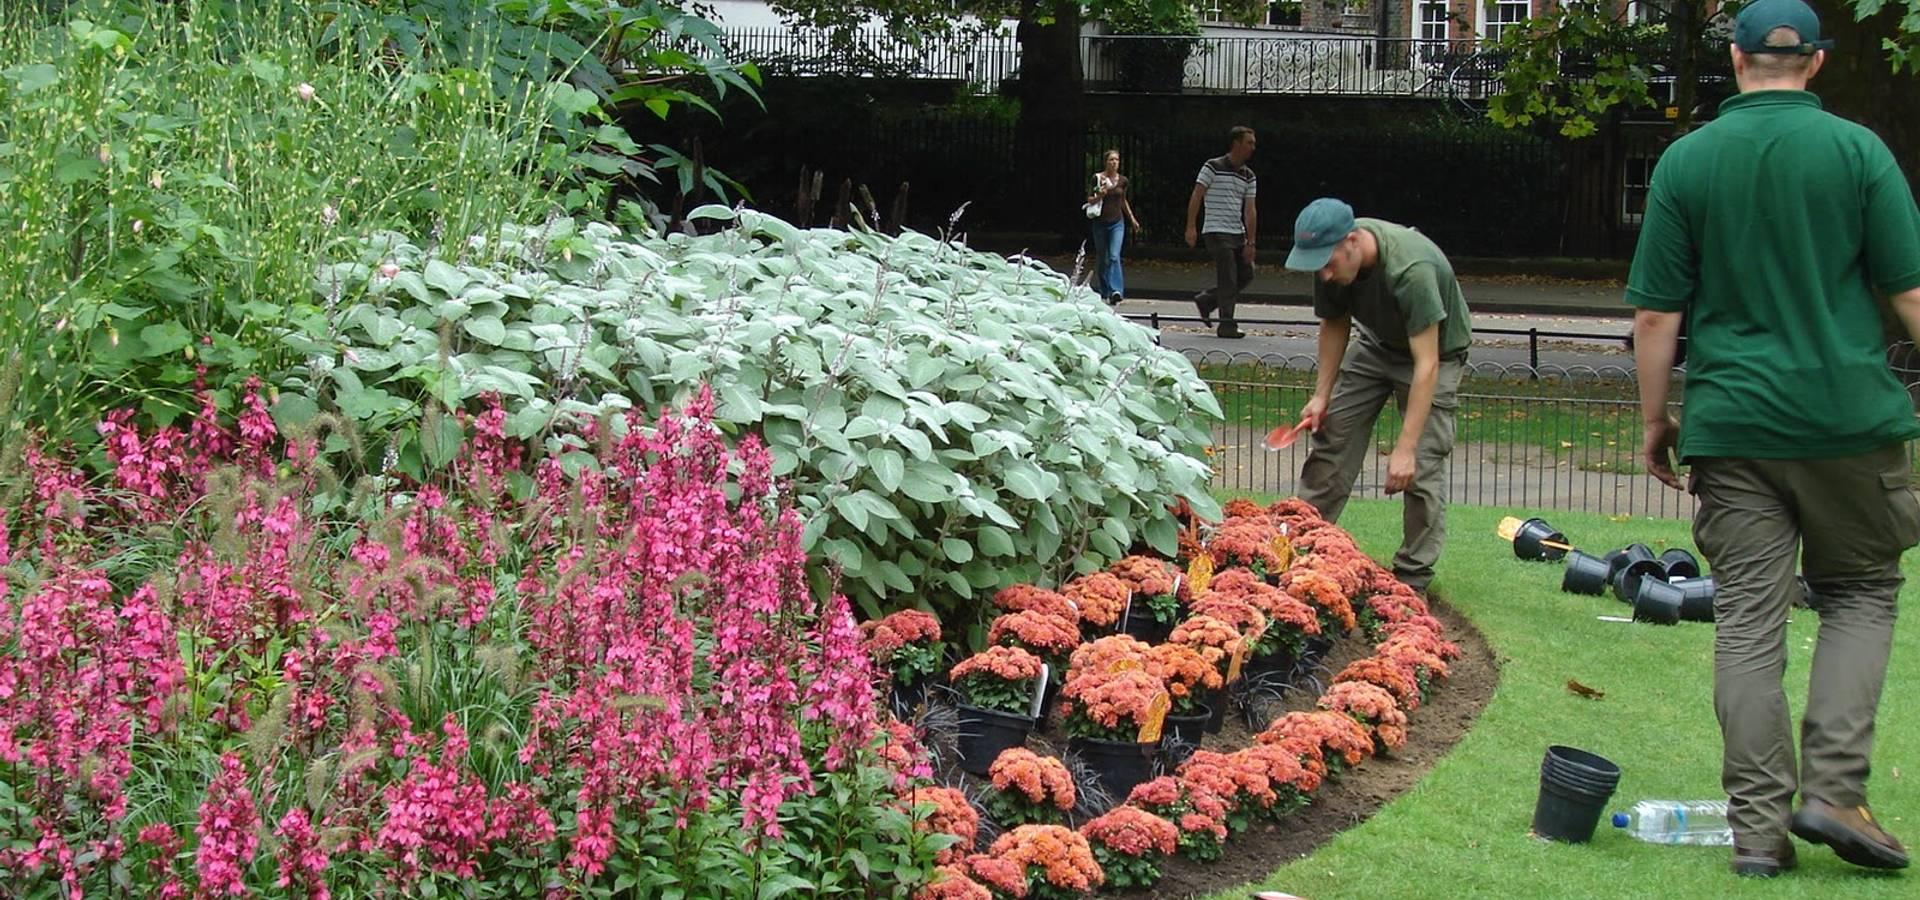 Jardiner a agrotofran s l jardineros en malaga homify - Imagenes de jardineria ...